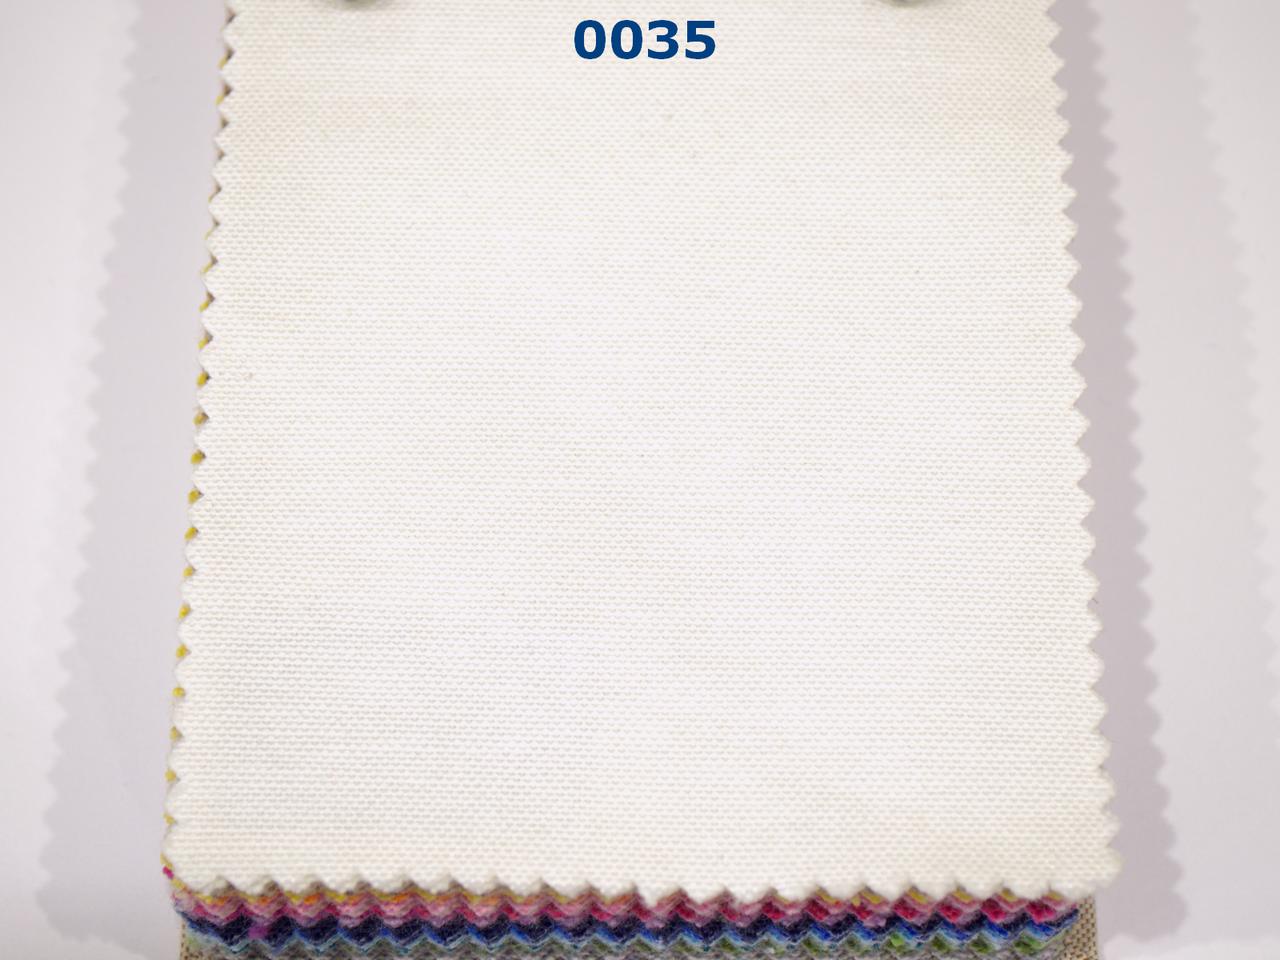 Тканина для Скатертин Біла з просоченням Тефлон-180 Однотонна Туреччина 180см ширина